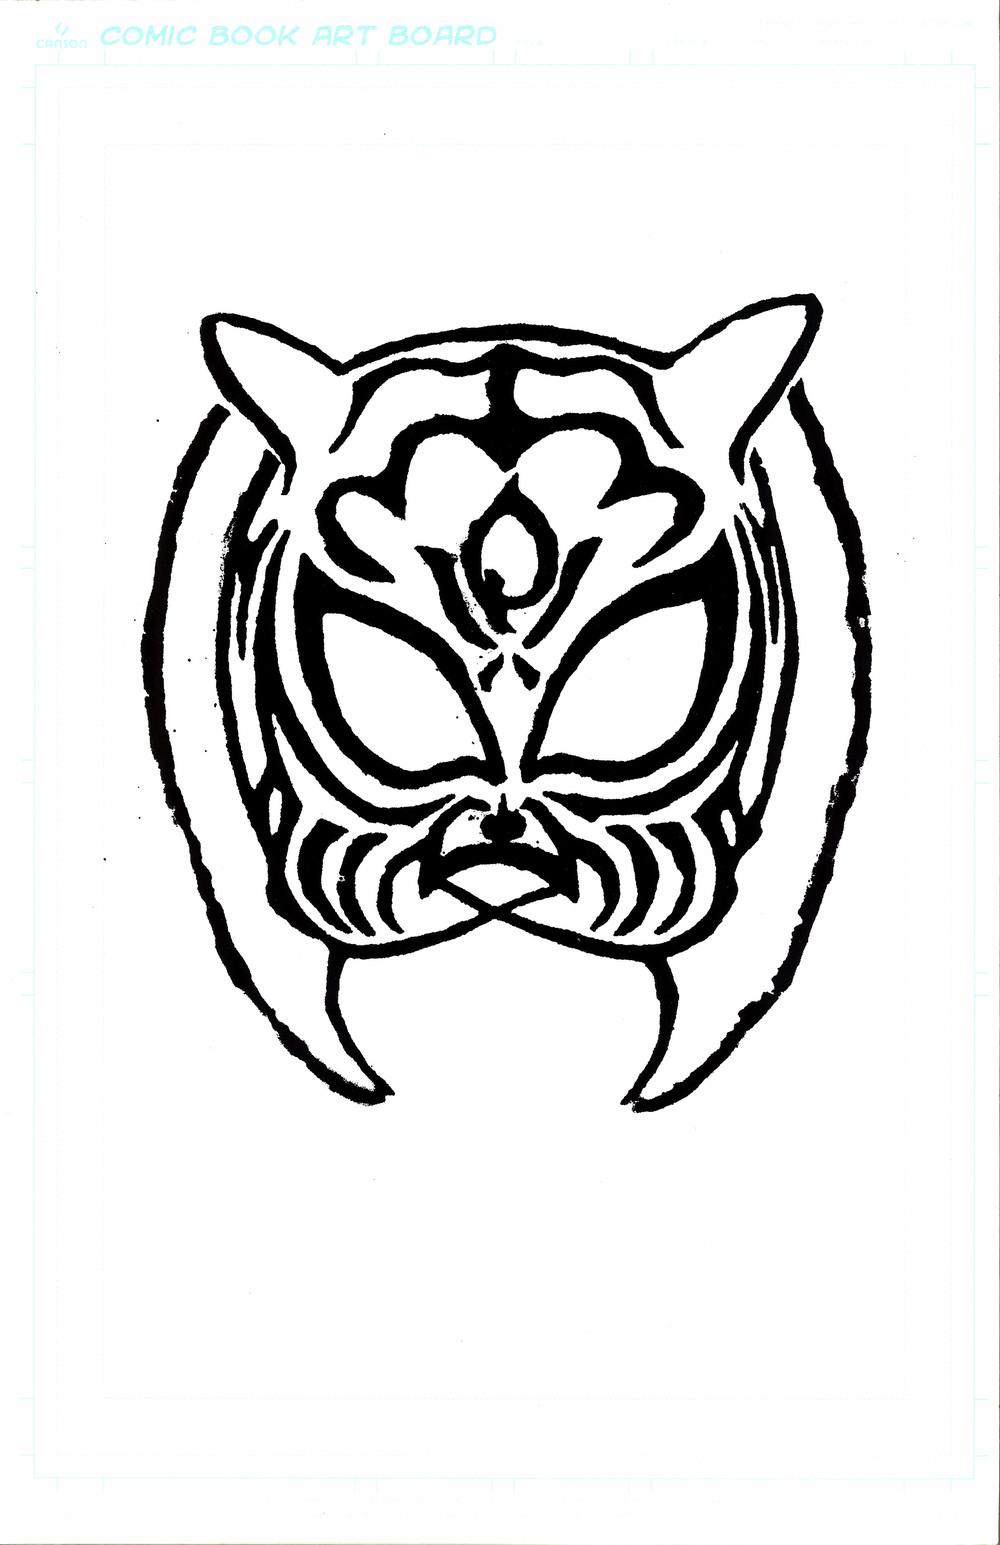 TigerMask.jpg